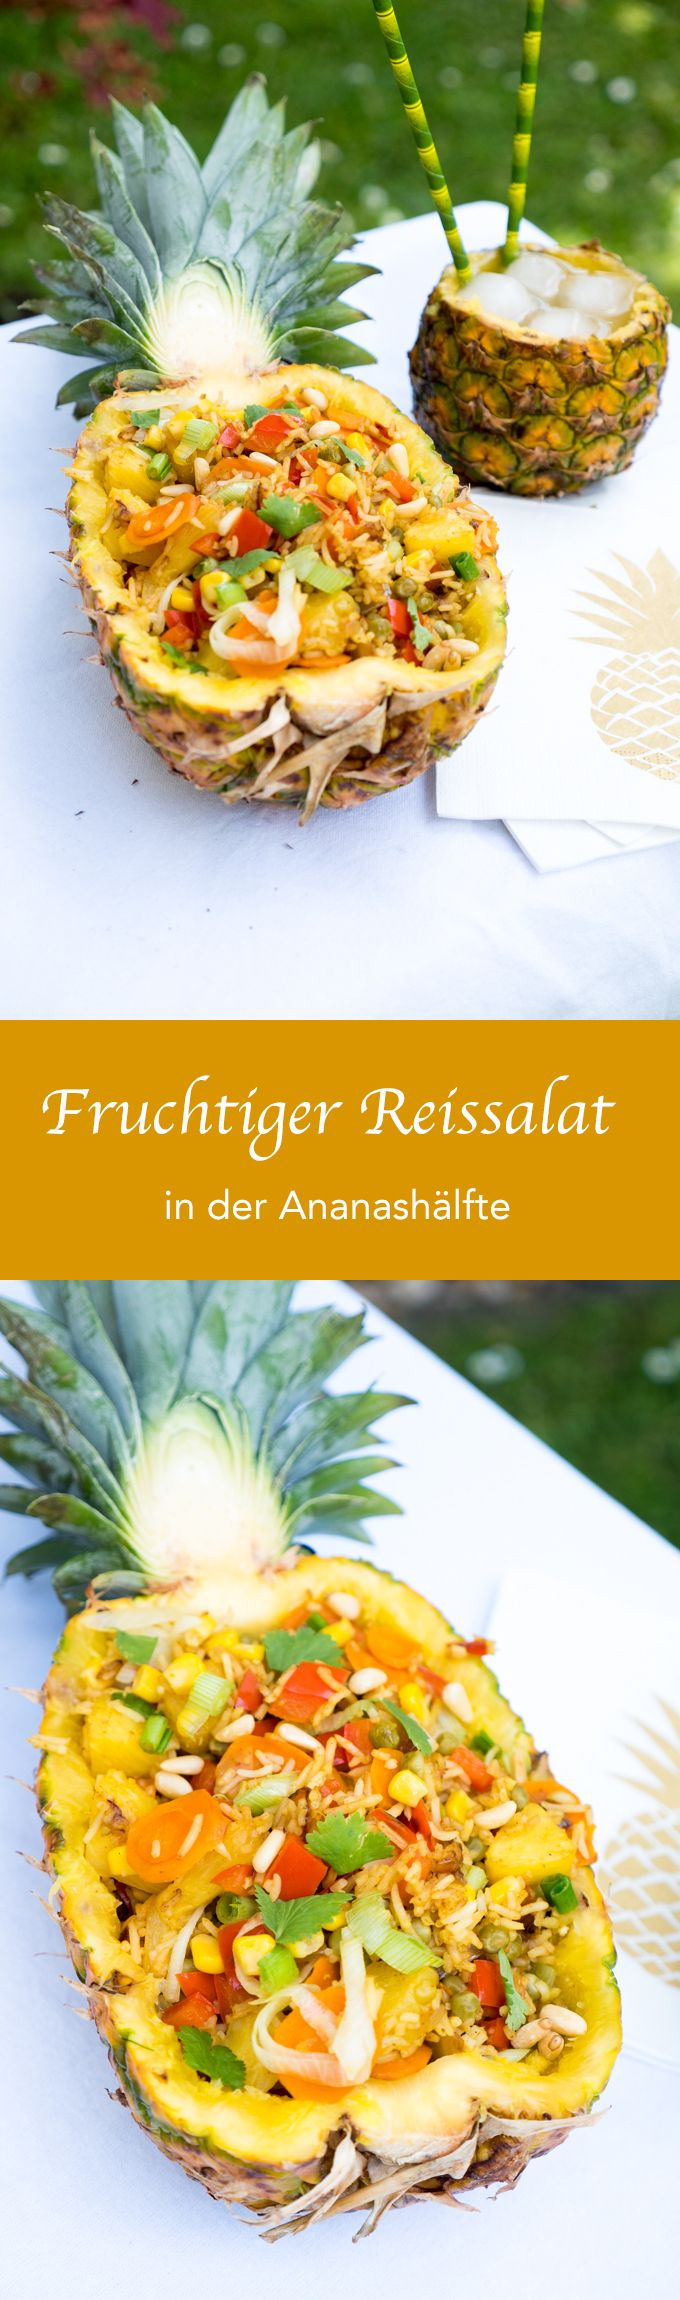 Fruchtiger Reissalat in der Ananas